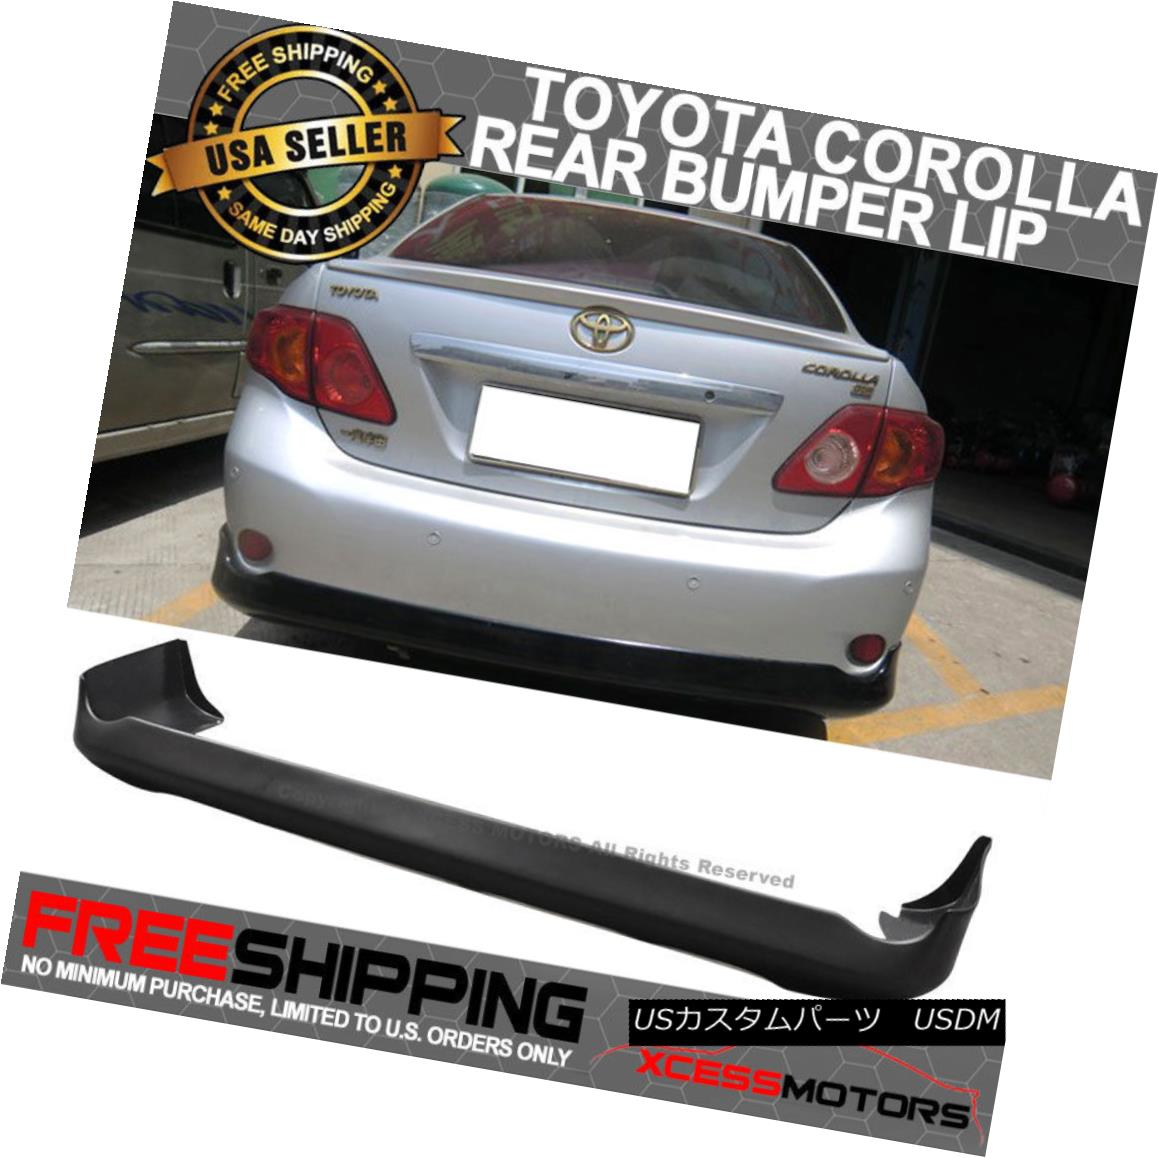 エアロパーツ Fit Toyota Corolla 09-10 OE Style Polypropylene Rear Bumper Lip Spoiler Diffuser フィットトヨタカローラ09-10 OEスタイルポリプロピレンリアバンパーリップスポイラーディフューザー